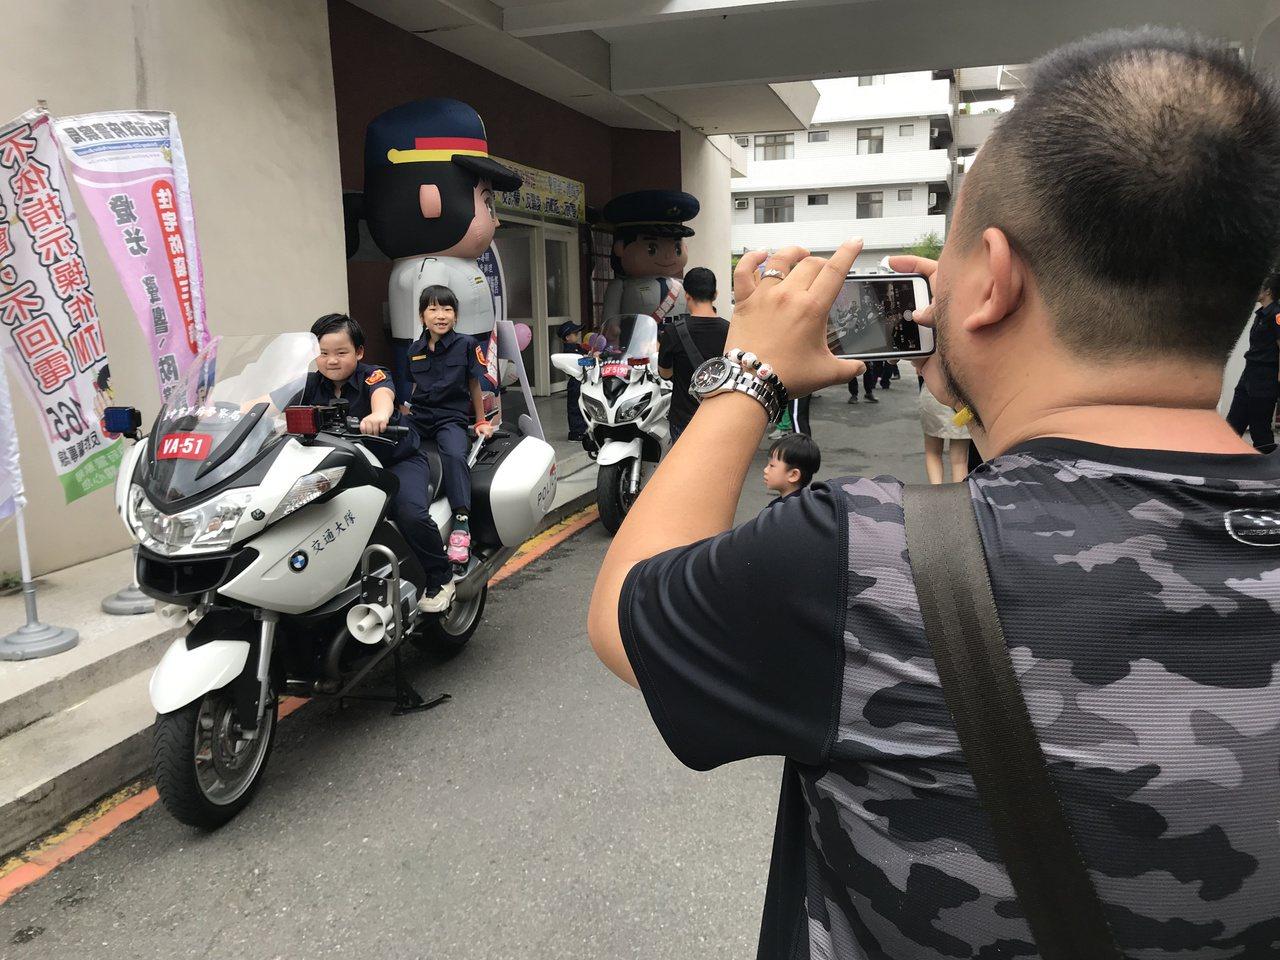 台中市警察局豐原分局今舉辦「小小警察親子體驗營」,許多父母替孩子拍照,留下珍貴的...